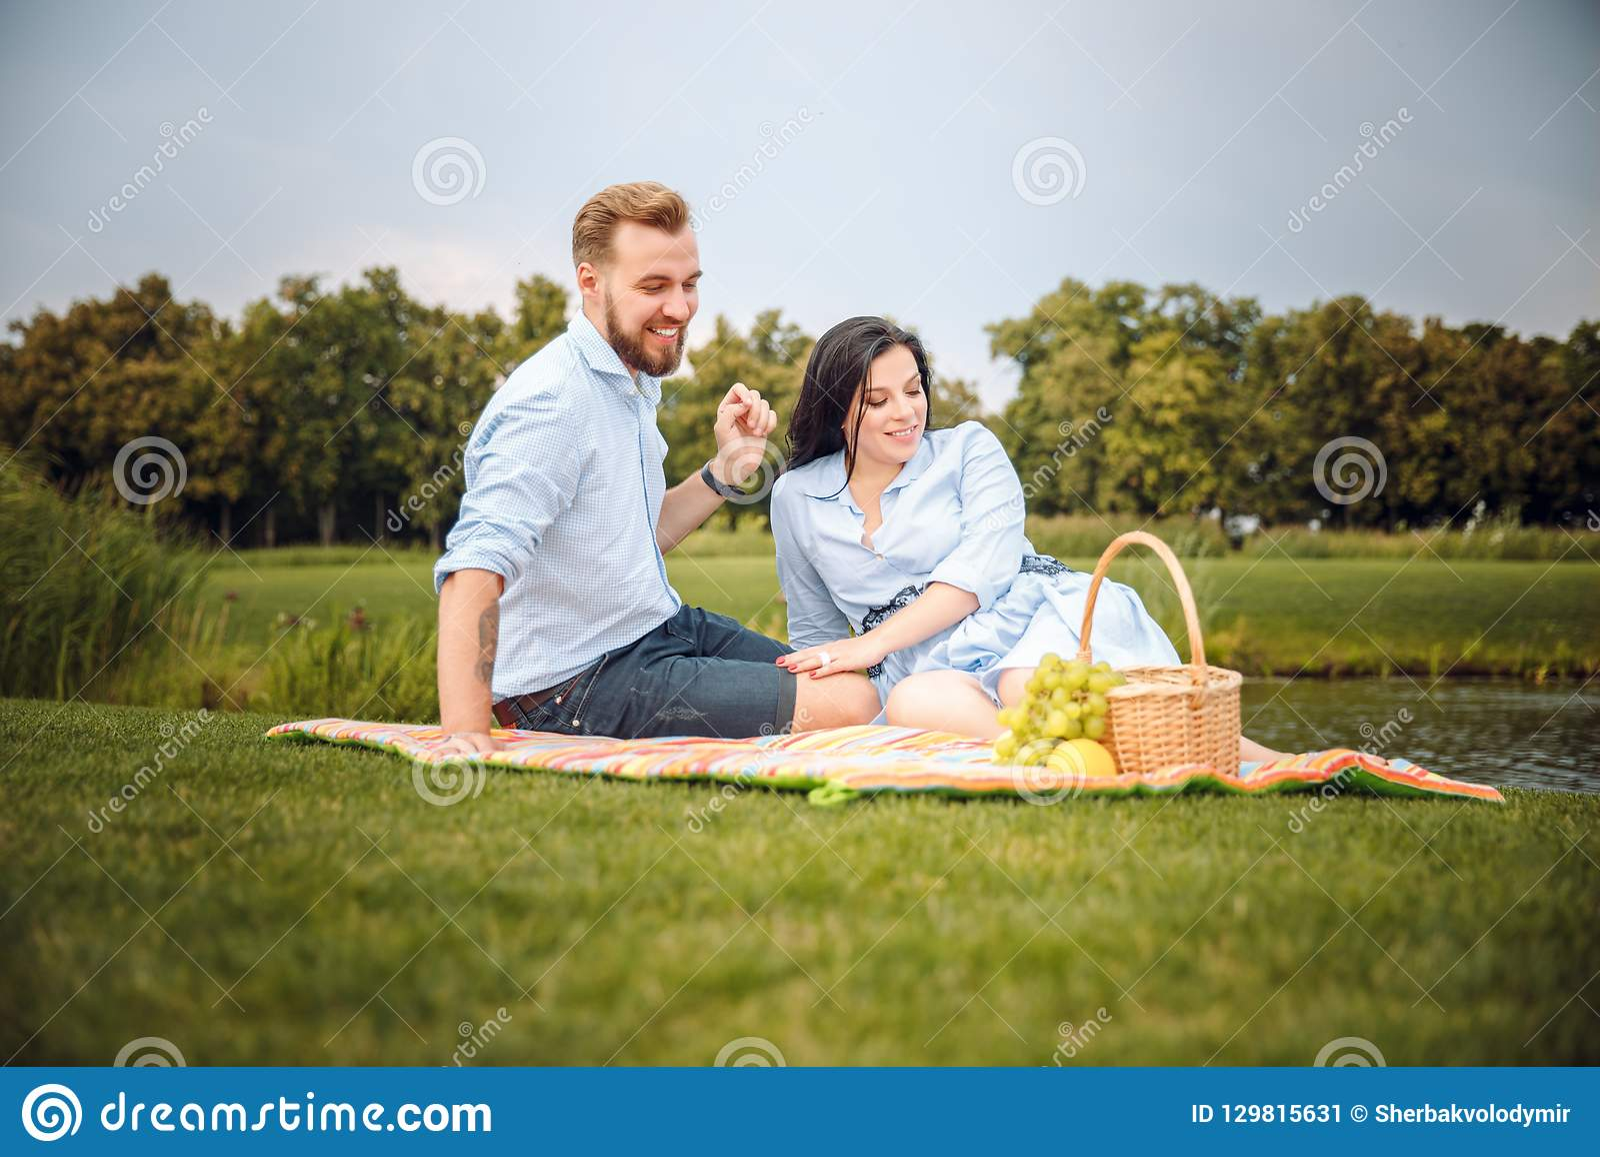 Gelukkige blije jonge familieechtgenoot en zijn zwangere vrouw die pret hebben samen in openlucht, bij picknick in de zomerpark